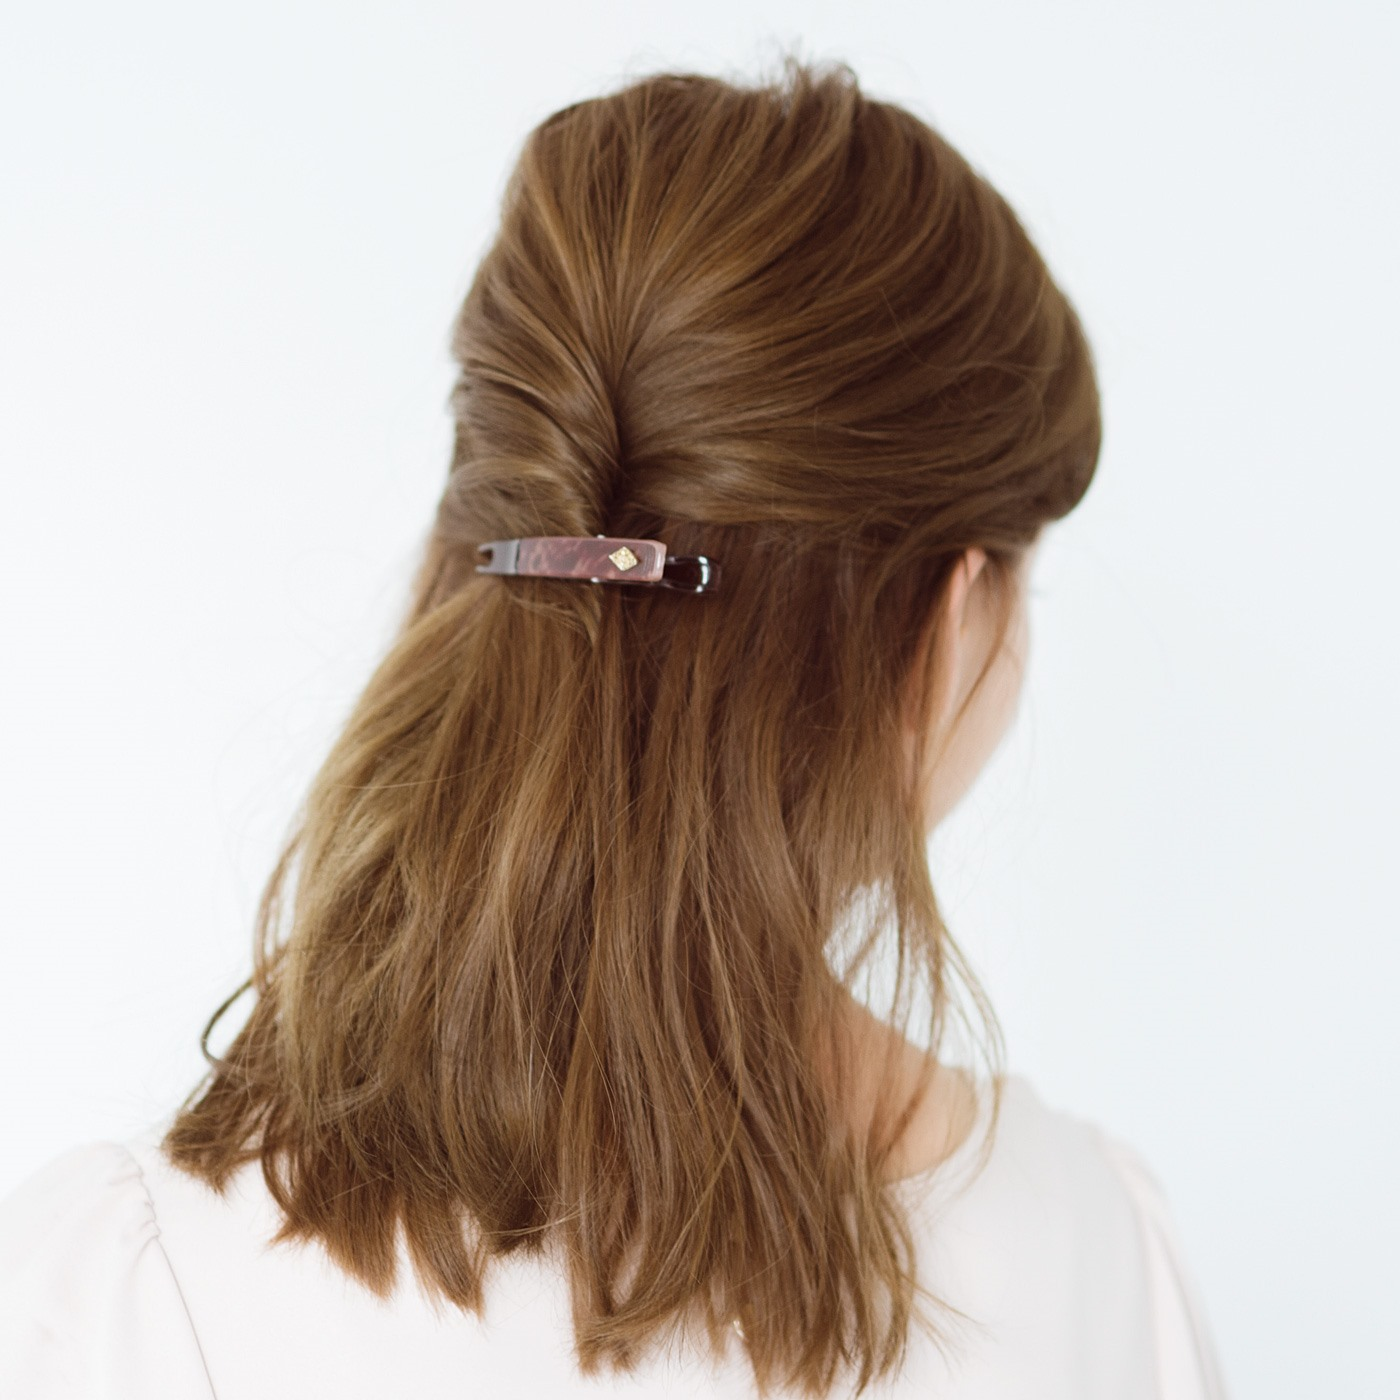 くるっとねじって留めるだけで、ふんわり華やかヘアスタイルが完成。